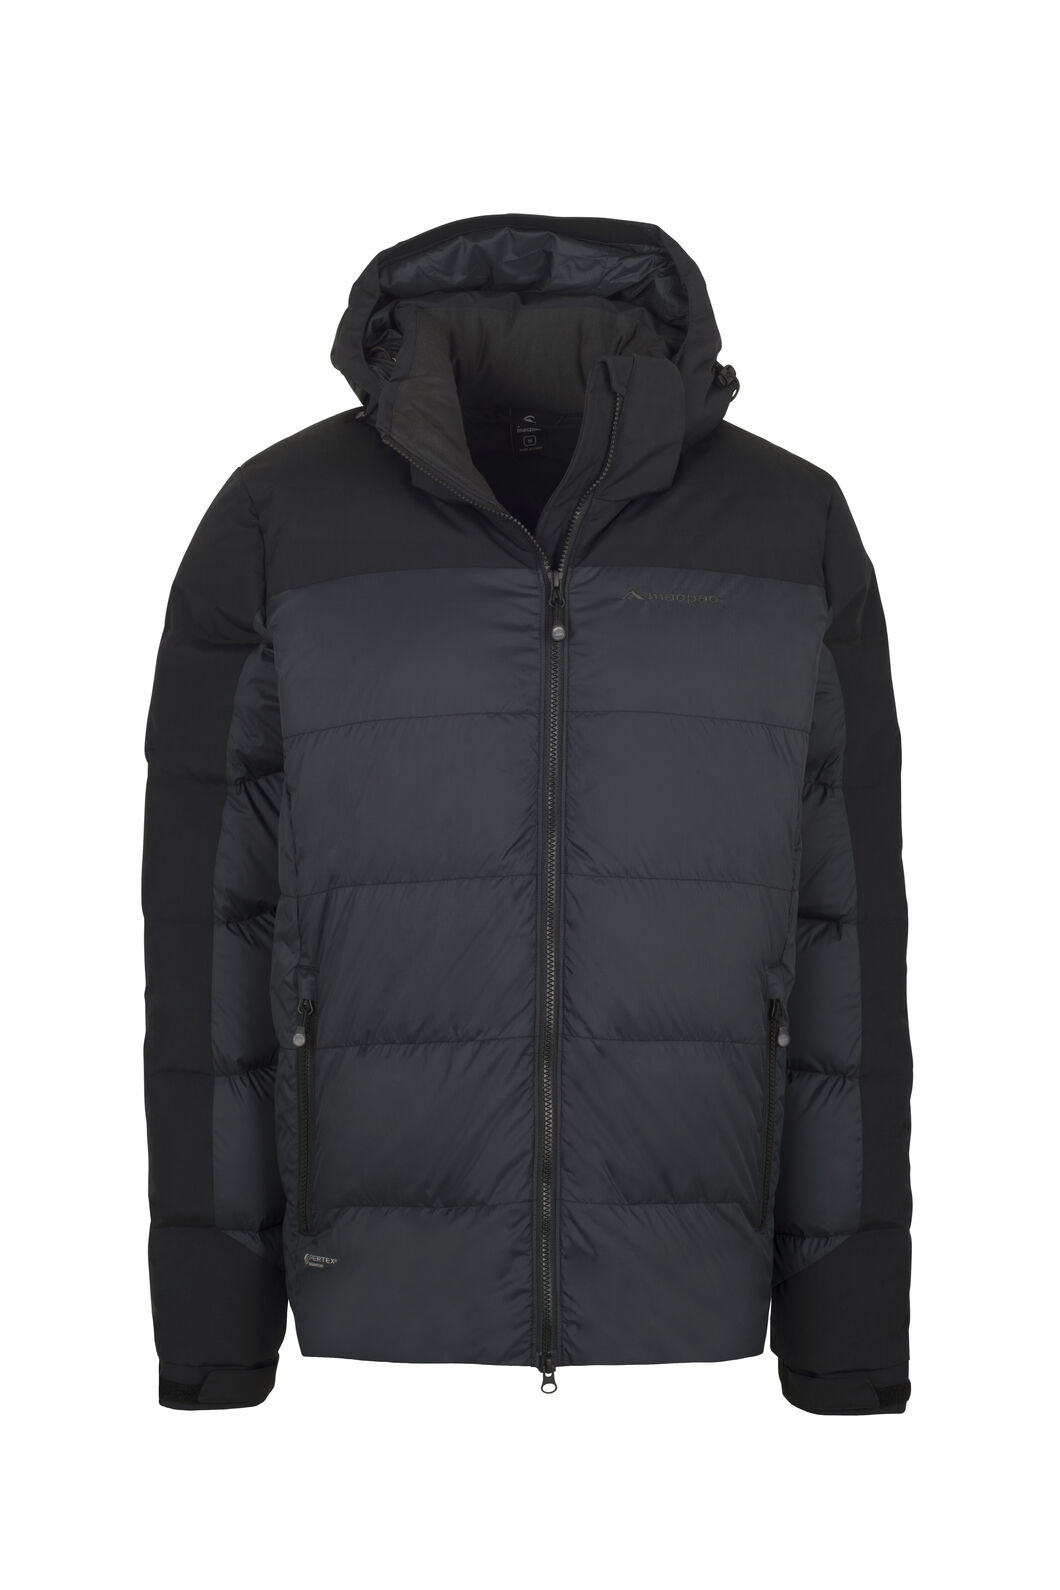 Macpac Ember HyperDRY™ Down Jacket - Men's, Black, hi-res